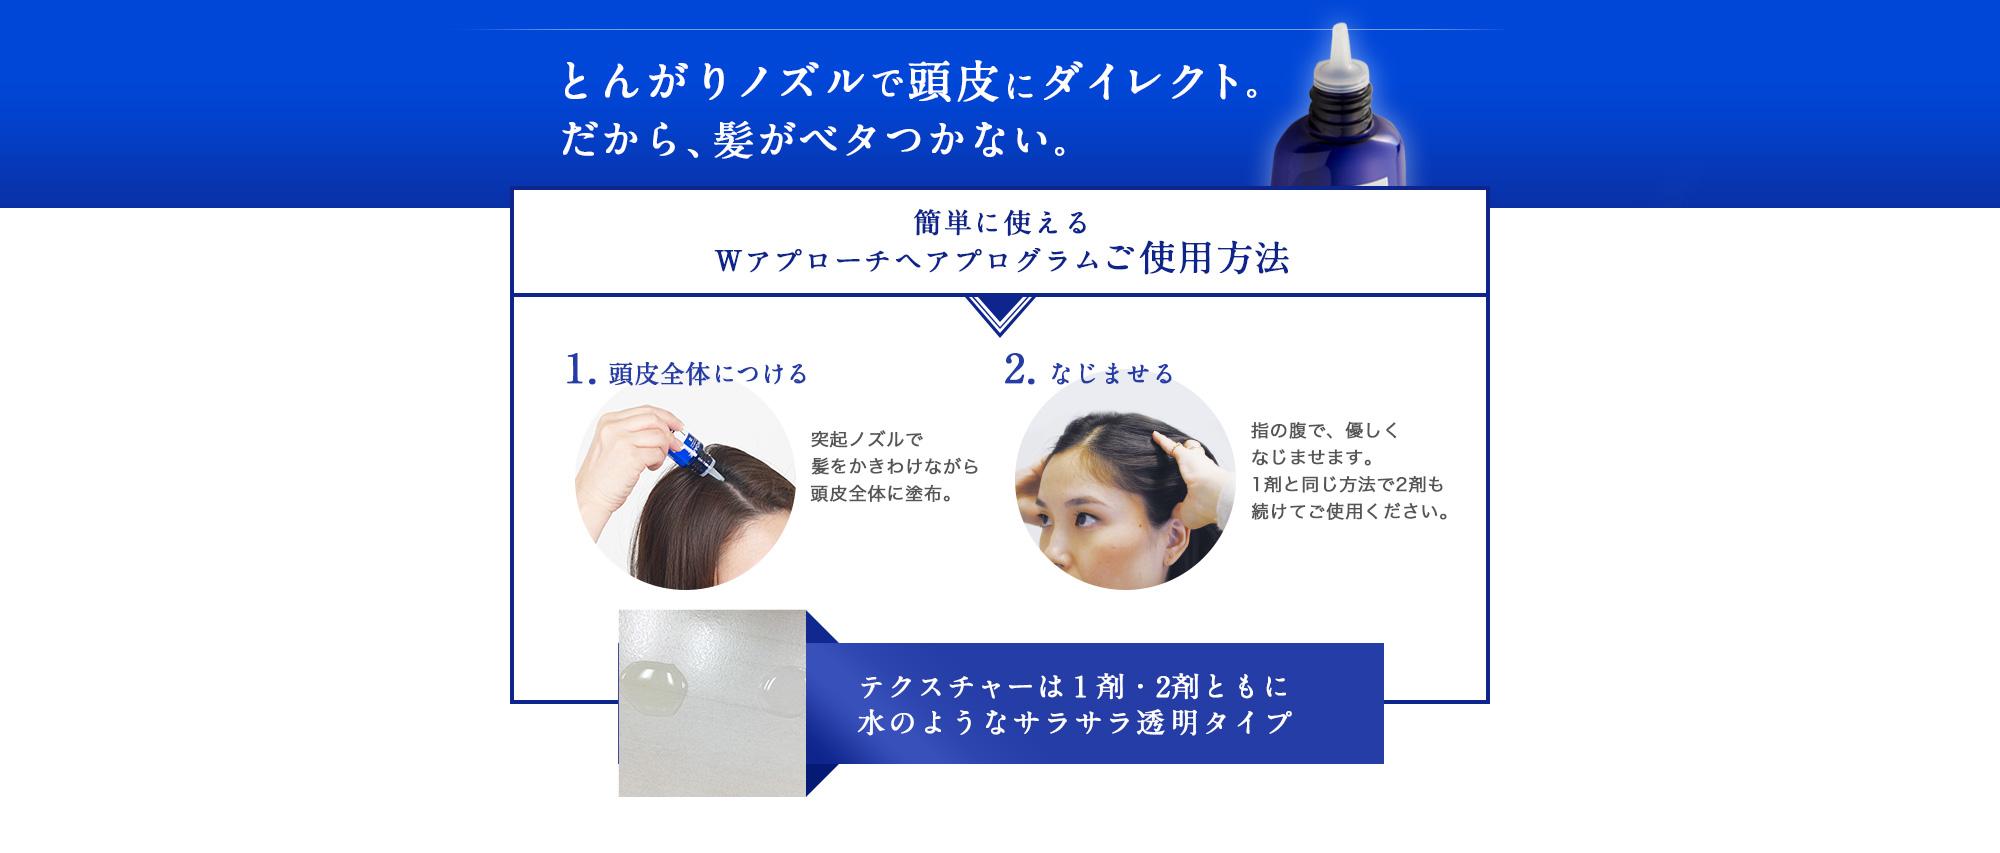 簡単に使えるWアプローチヘアプログラムご使用方法 1.頭皮全体につける 2.なじませる テクスチャーは1剤・2剤ともに水のようなサラサラ透明タイプ